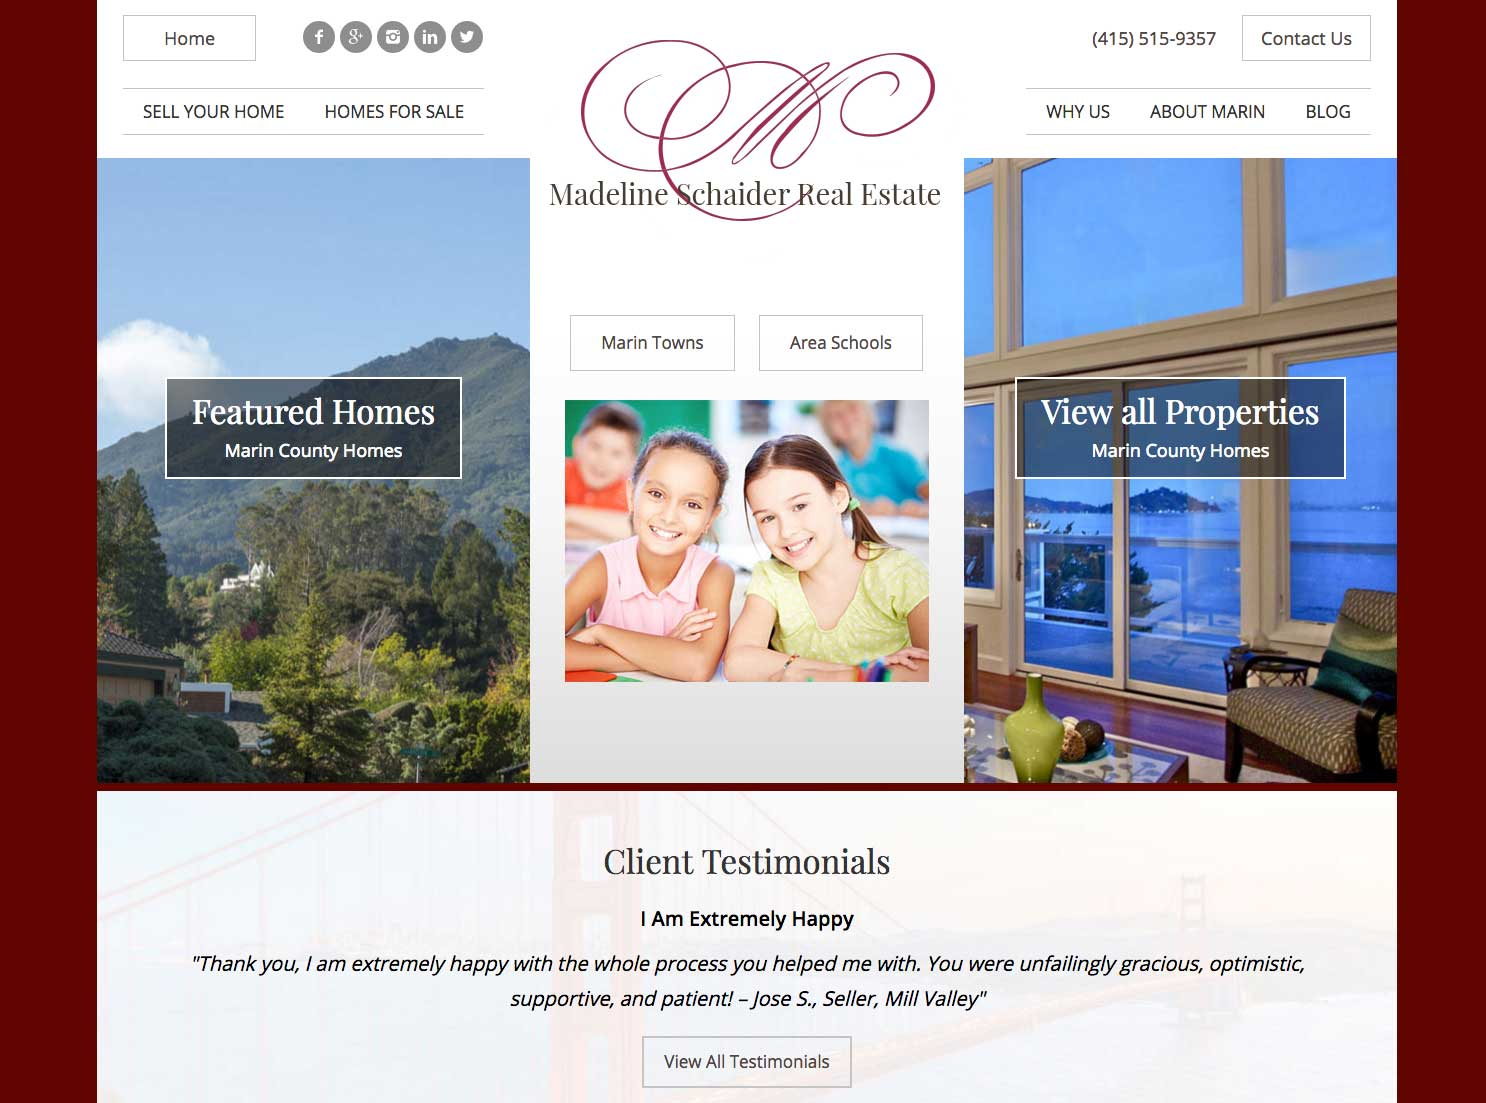 Madeline Schaider Real Estate